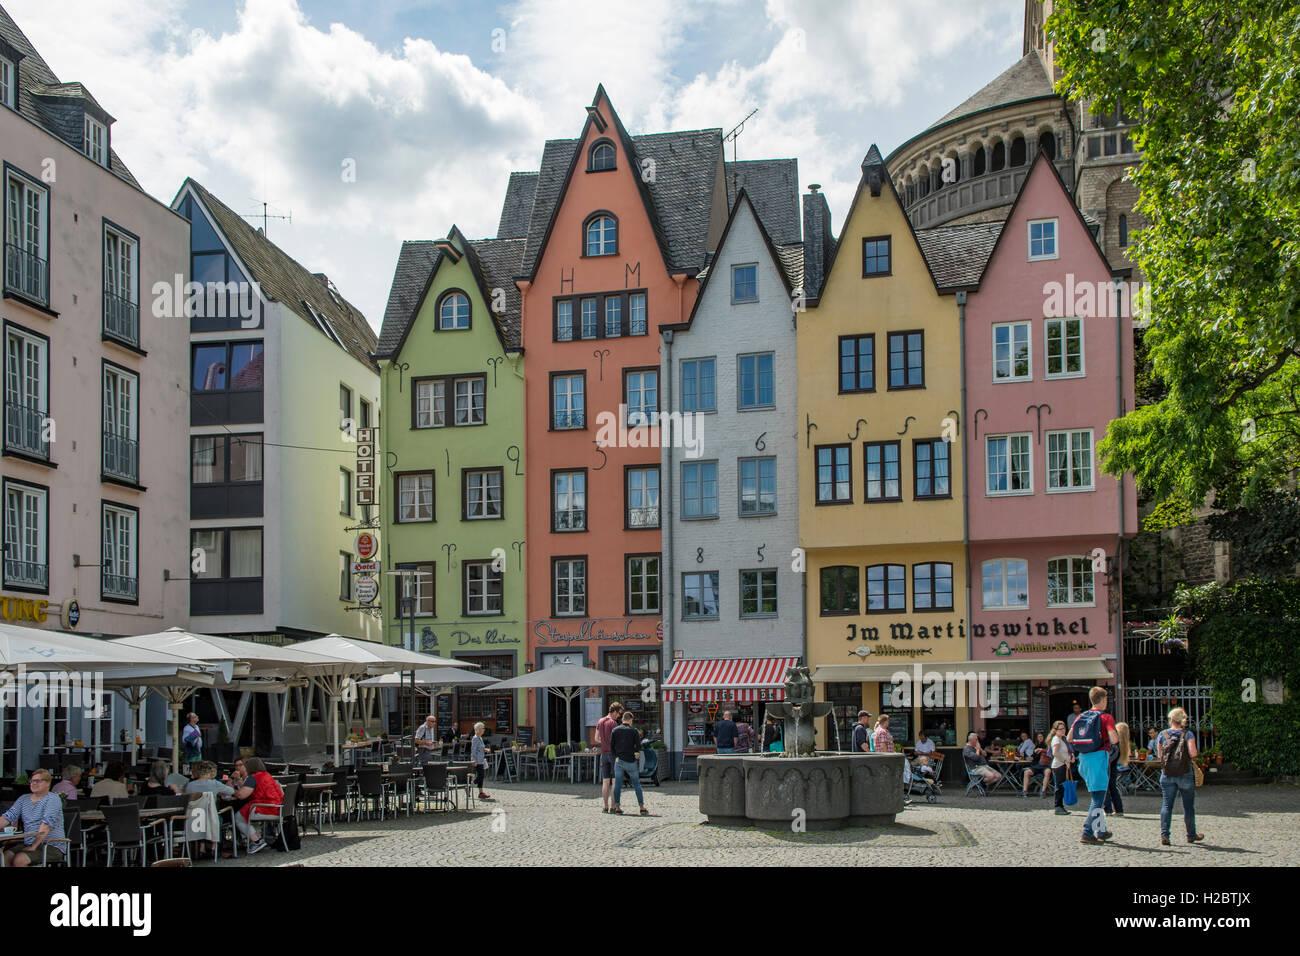 Historische Gebaude Fischmarkt Koln Nordrhein Westfalen Deutschland Haus Zum Breiten Herd